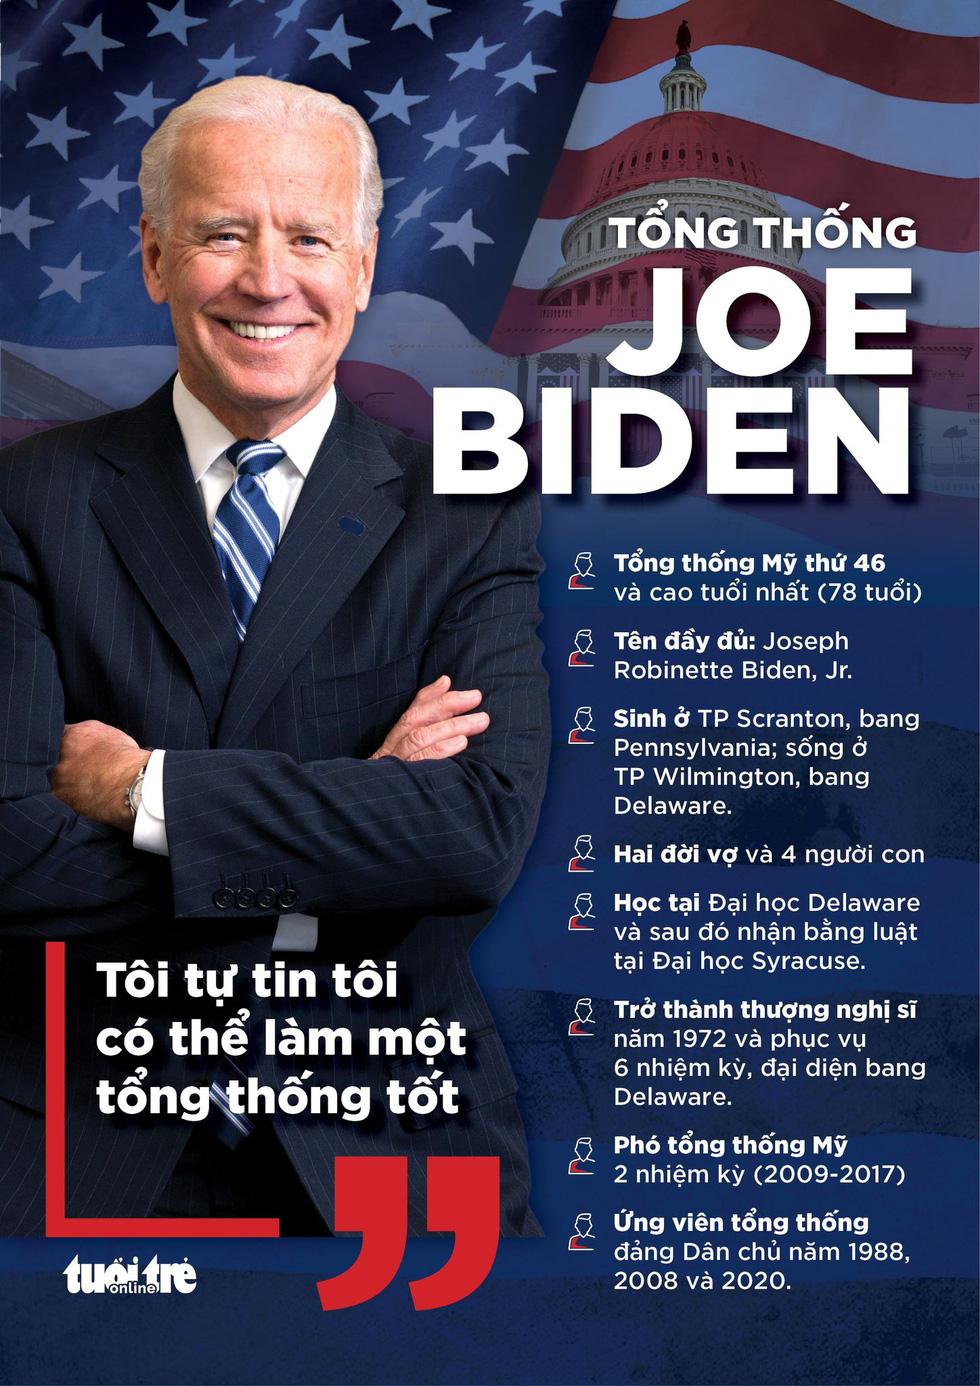 Trở thành Tổng thống Mỹ thứ 46, ông Biden hứa gì trong 100 ngày đầu? - Ảnh 1.